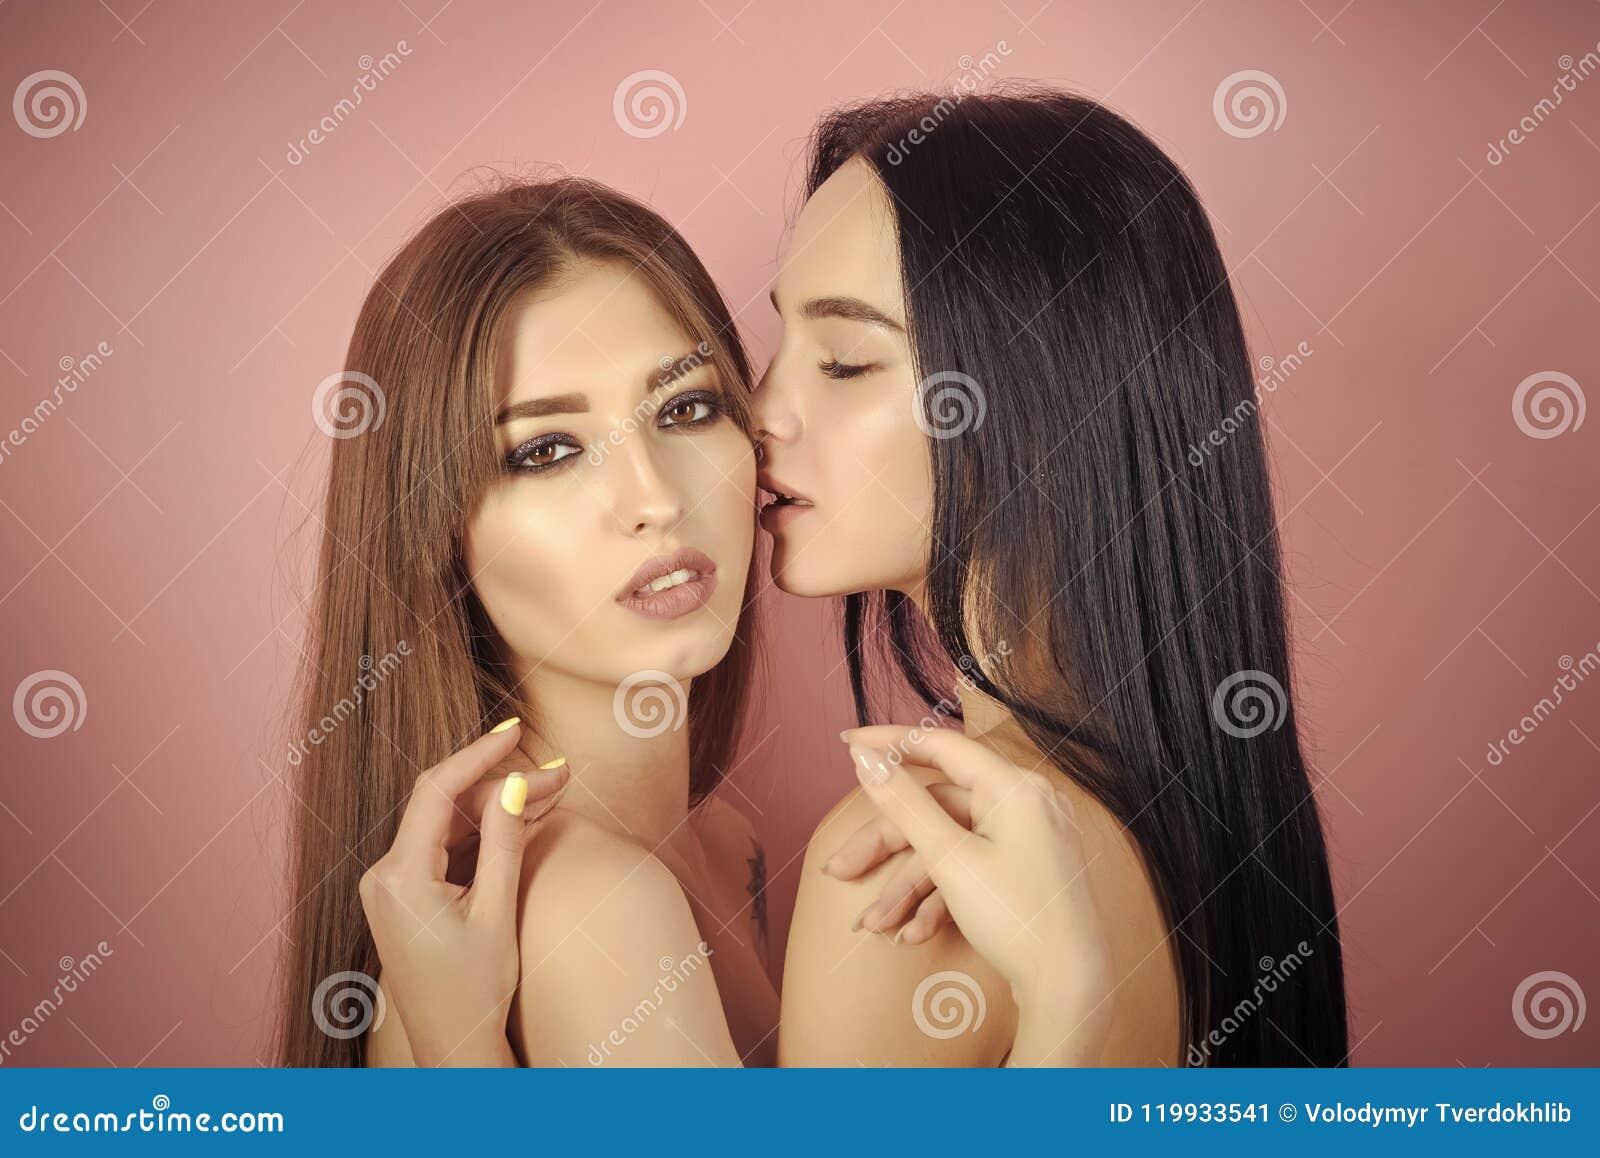 Сексуальная свобода женщины